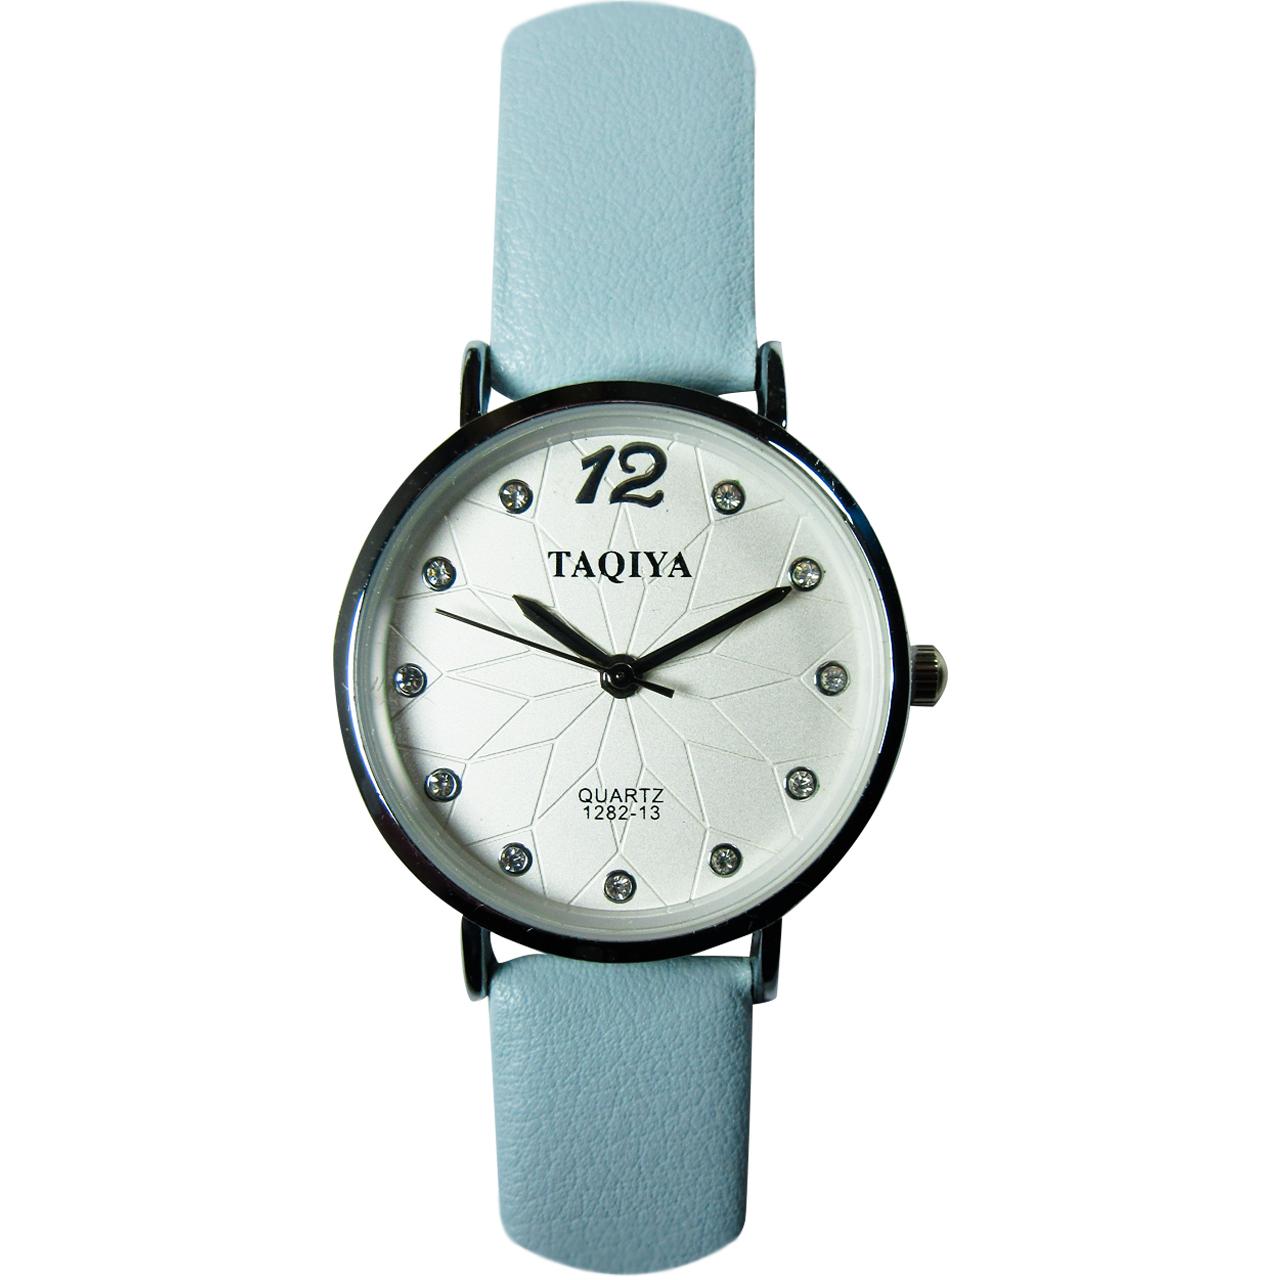 خرید ساعت مچی عقربه ای تاکیا مدل AD224 رنگ آبی